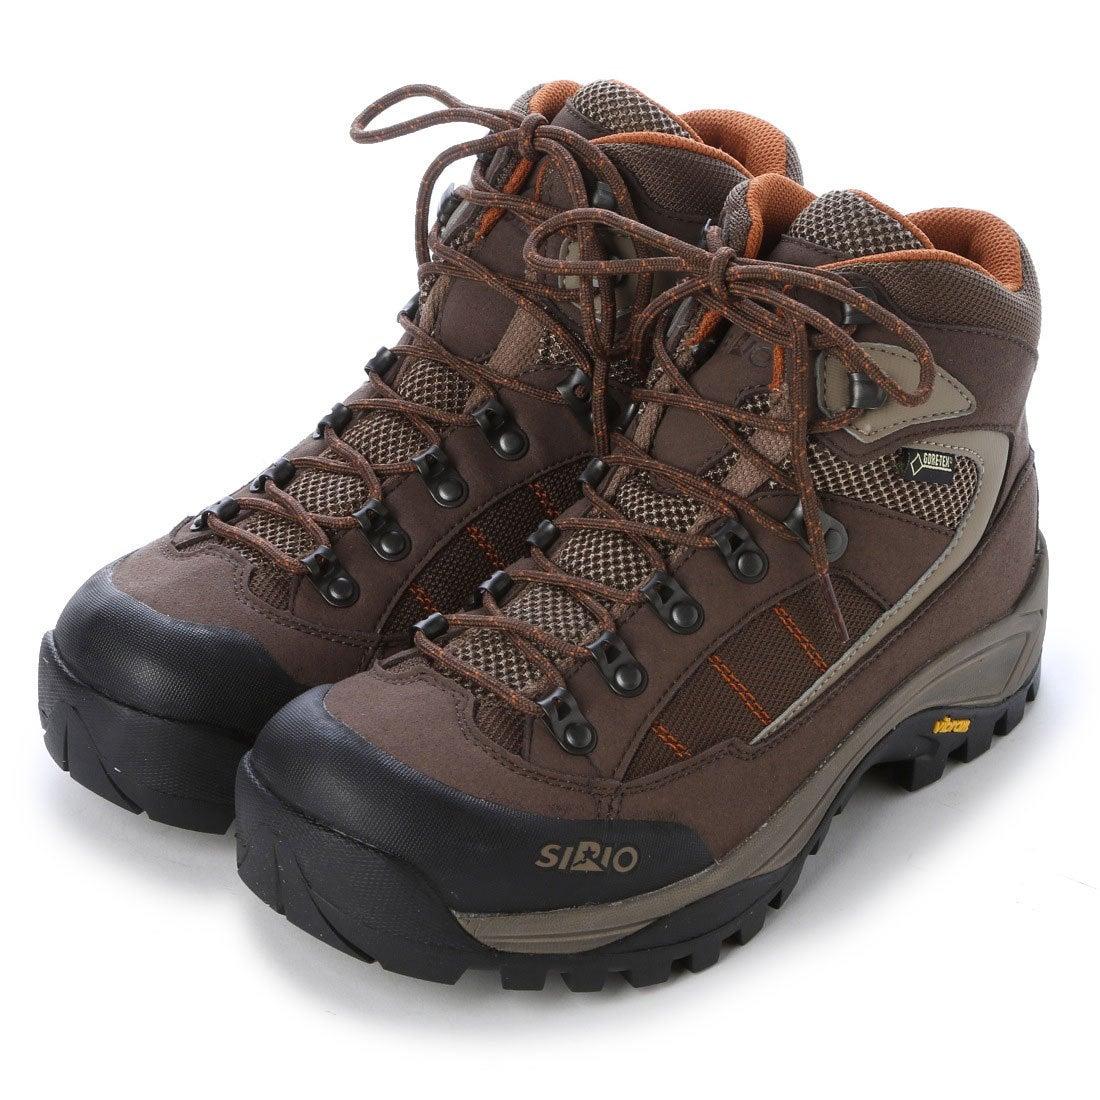 ロコンド 靴とファッションの通販サイトシリオ Sirio ユニセックス トレッキング シューズ P.F.302 P.F.302 5908